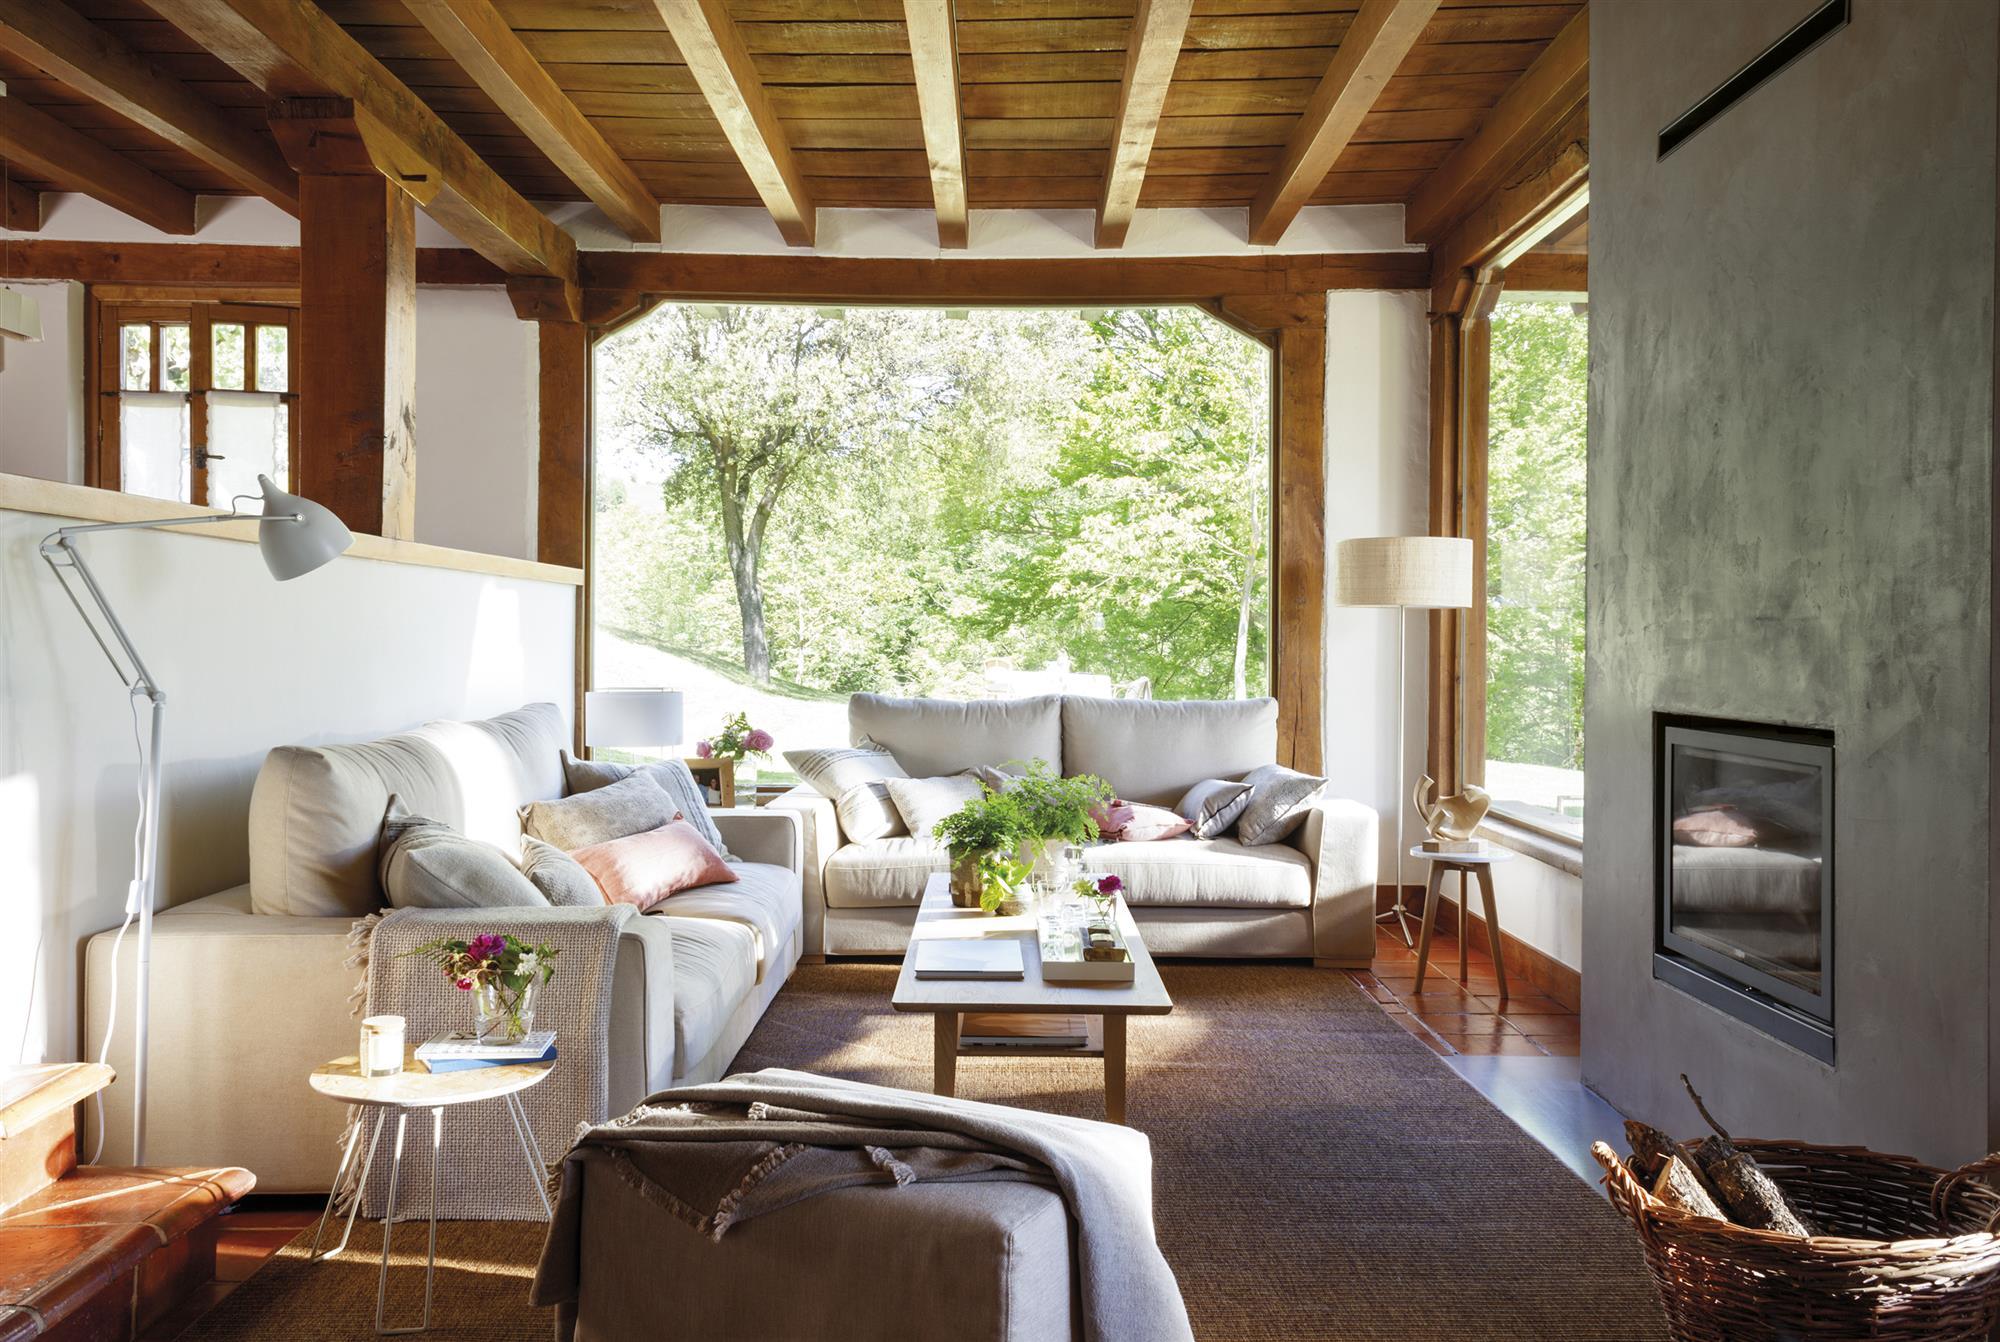 Las mejores casas r sticas de oto o de el mueble for El mueble casas rusticas